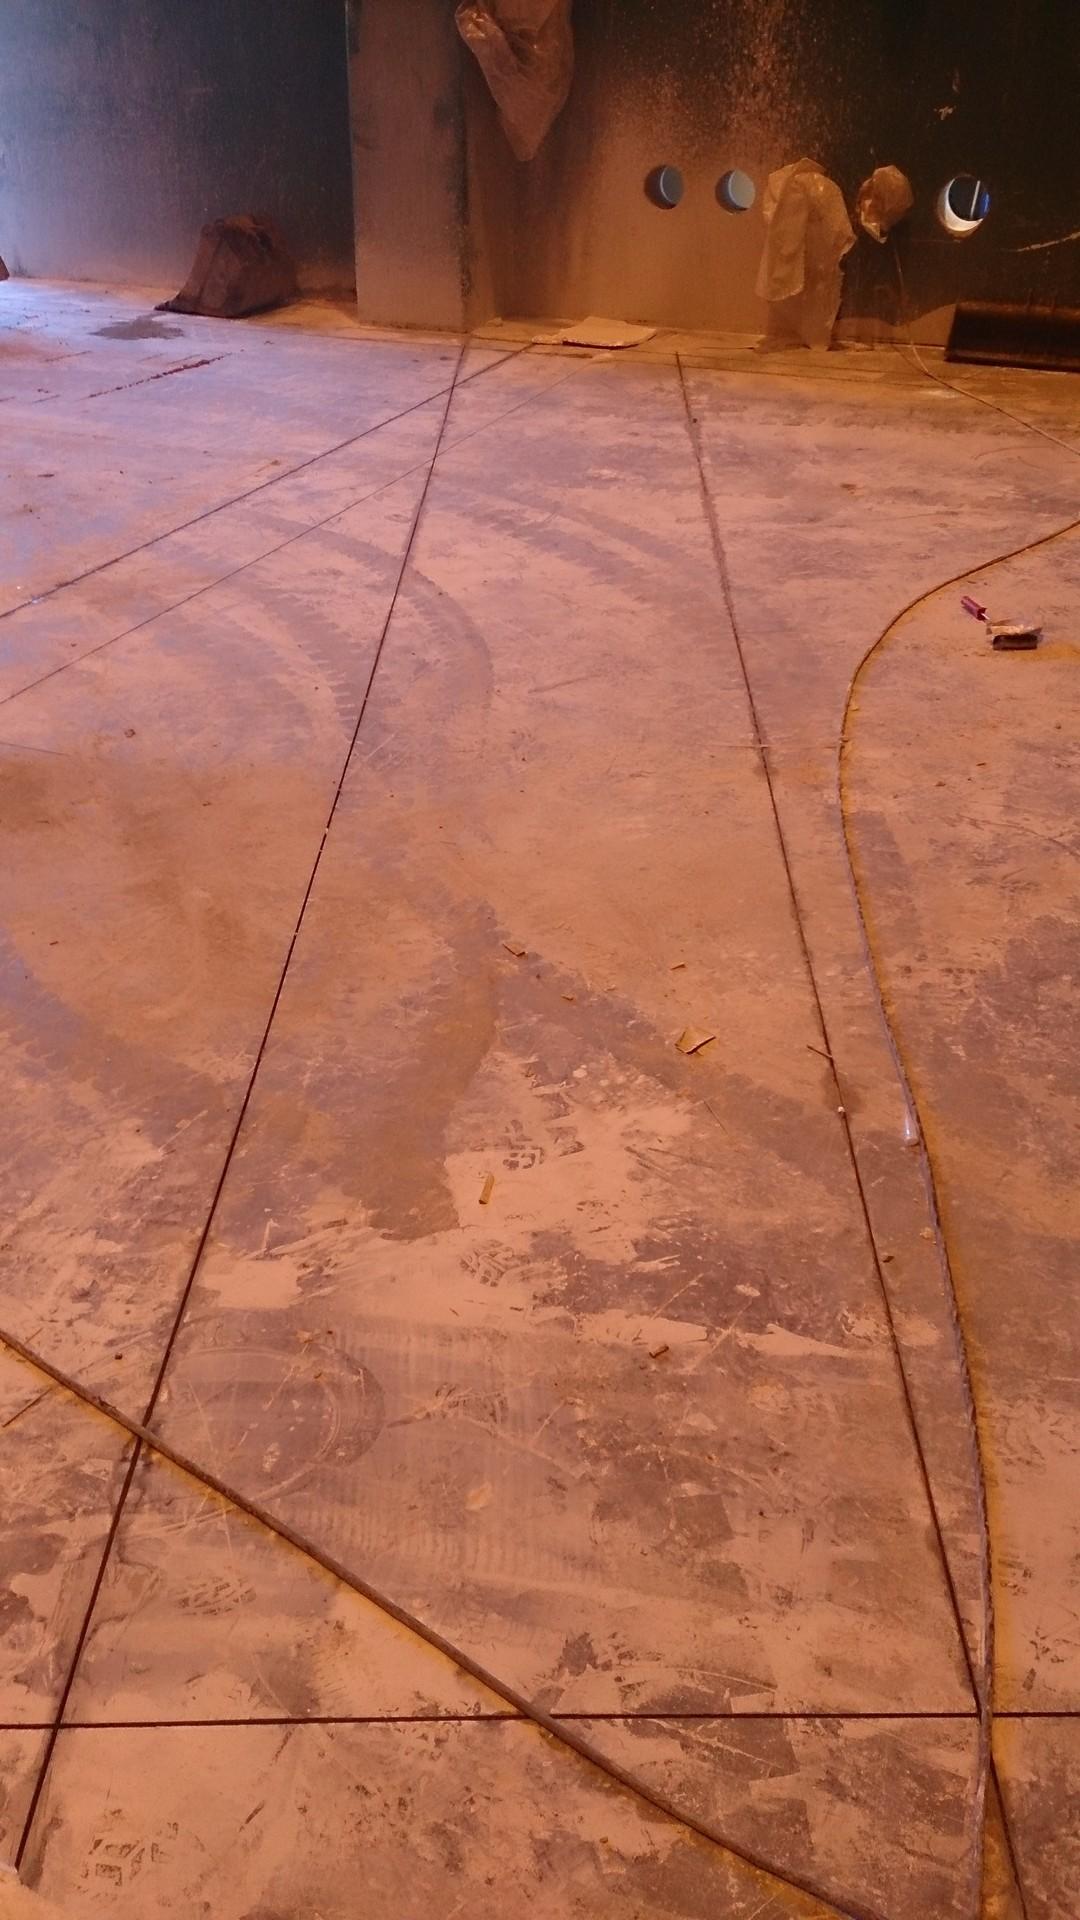 Ouverture et fermeture de voile béton et protection cablage et flexibleOuverture et fermeture de voile béton et protection cablage et flexible008